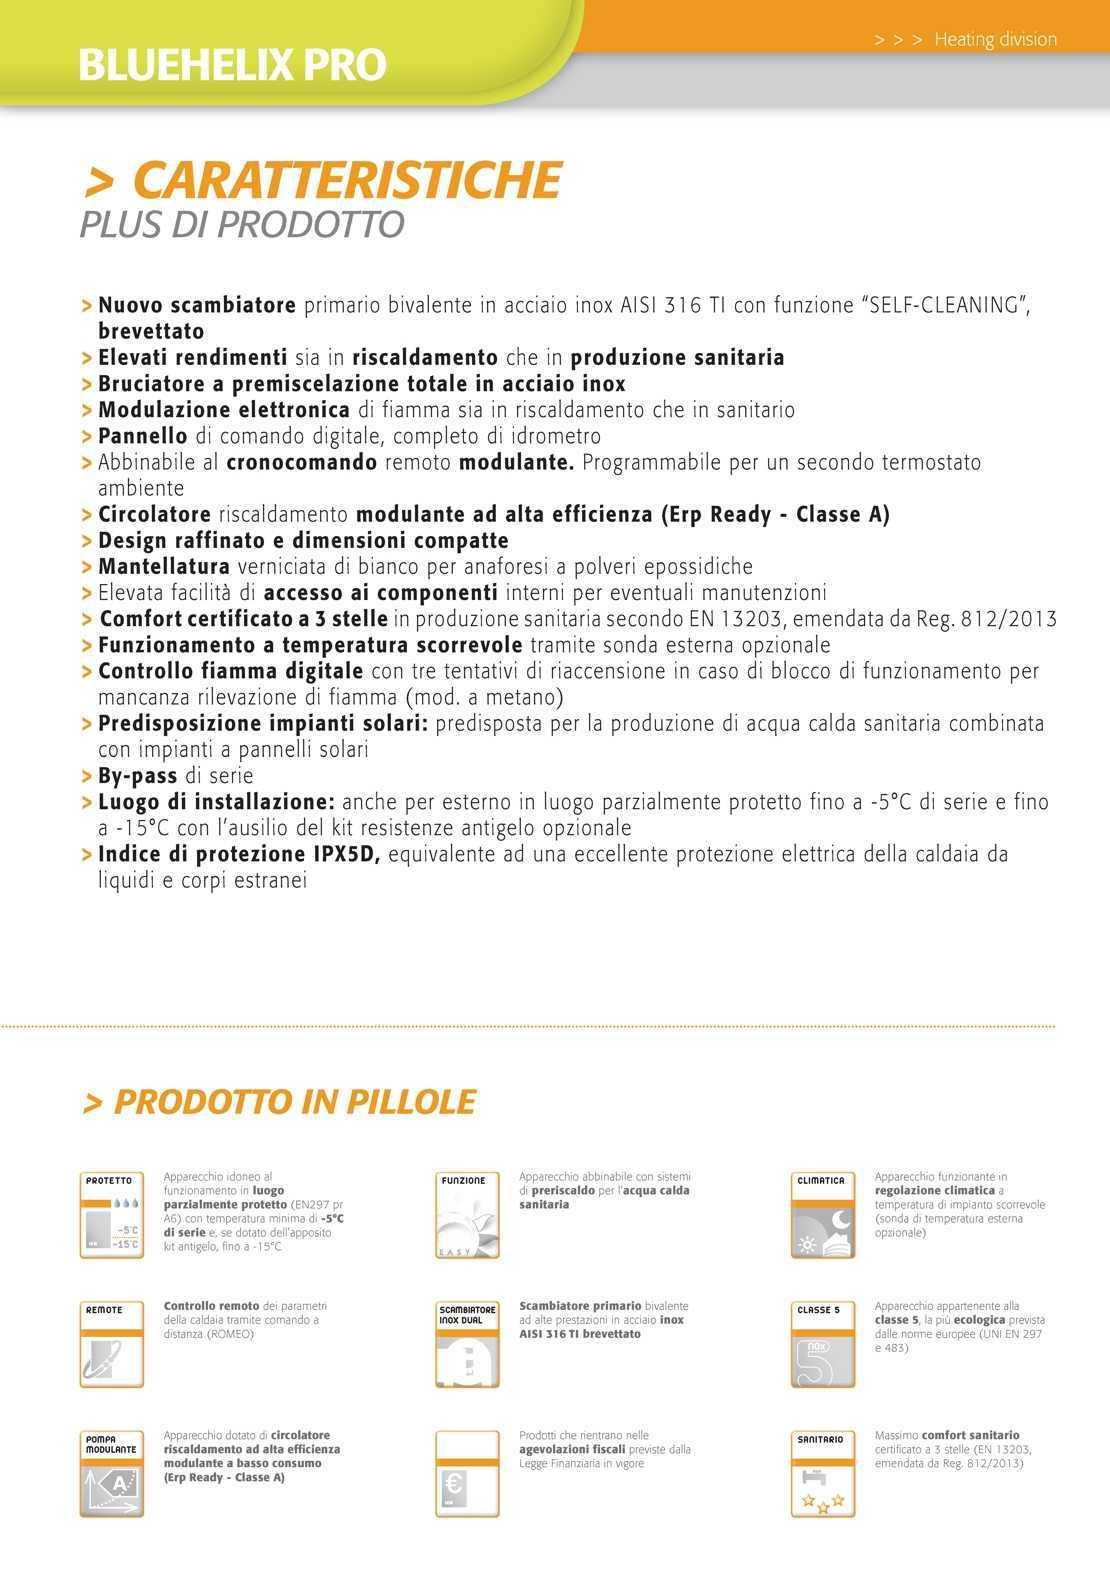 Caldaia Ferroli Bluehelix Pro erp